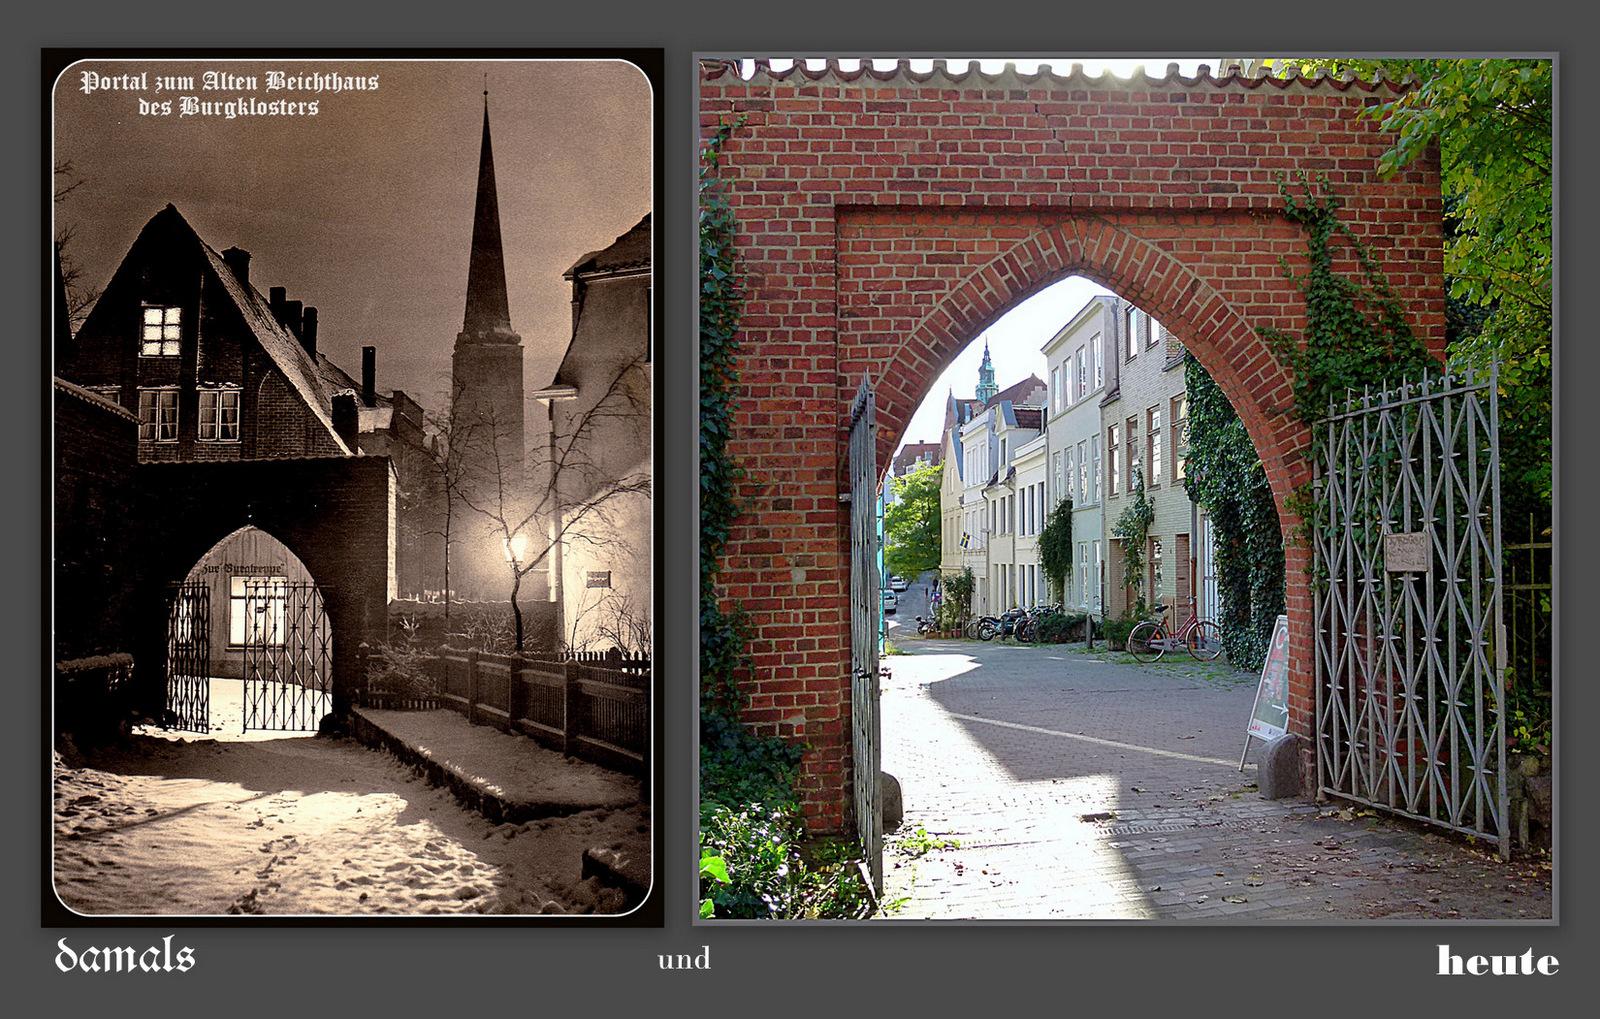 Das Eingangstor zum Alten Beichthaus vom Burgkloster ist augenscheinlich noch dasselbe